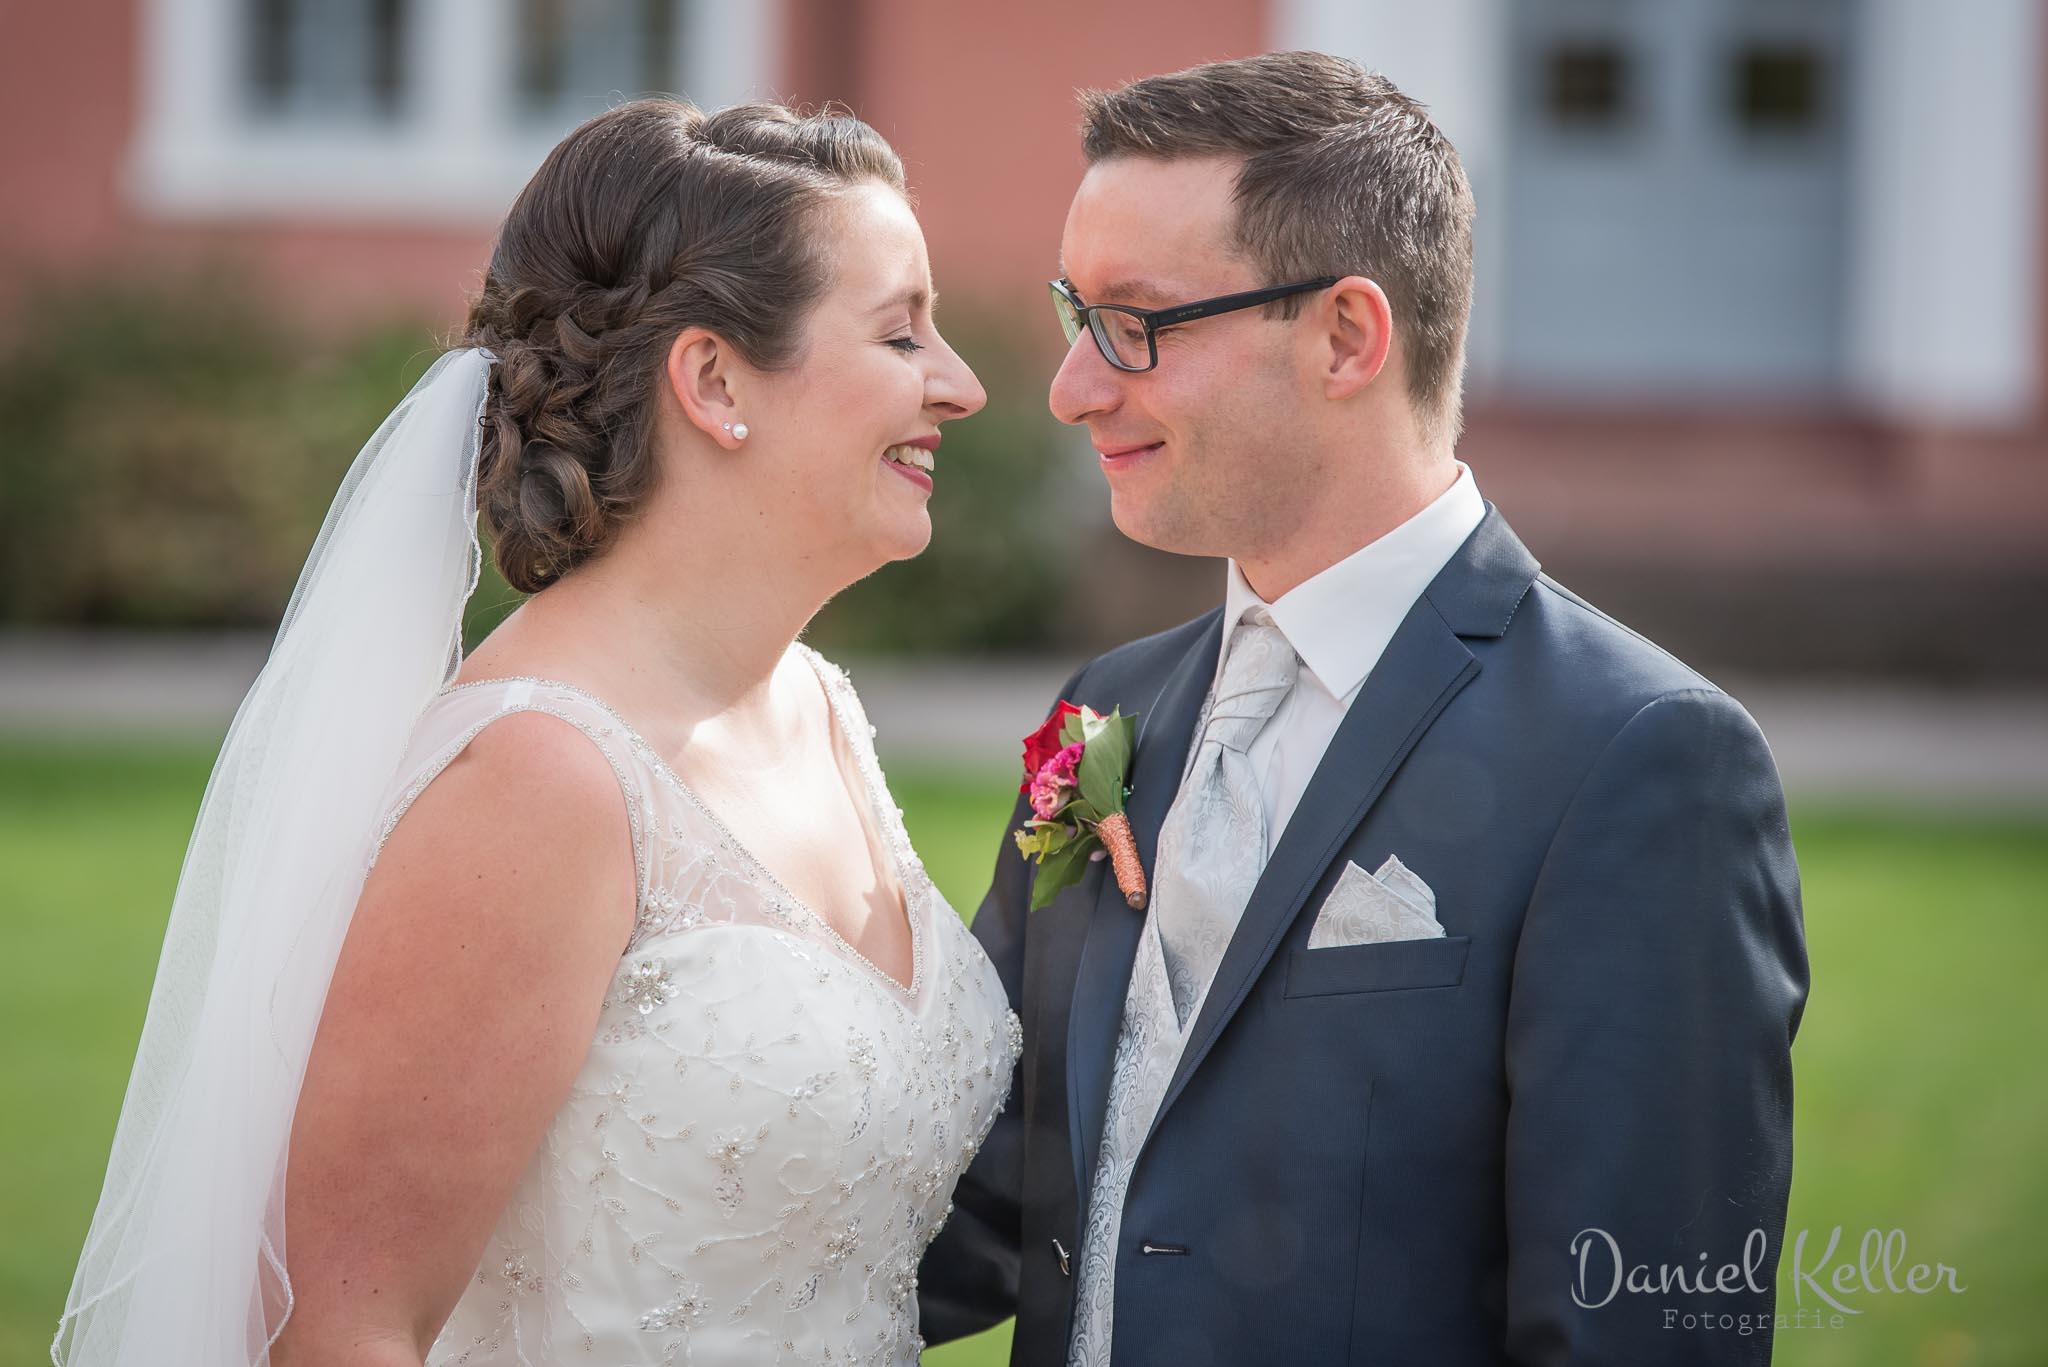 Daniel Keller Hochzeitsfotograf Achern Illenau